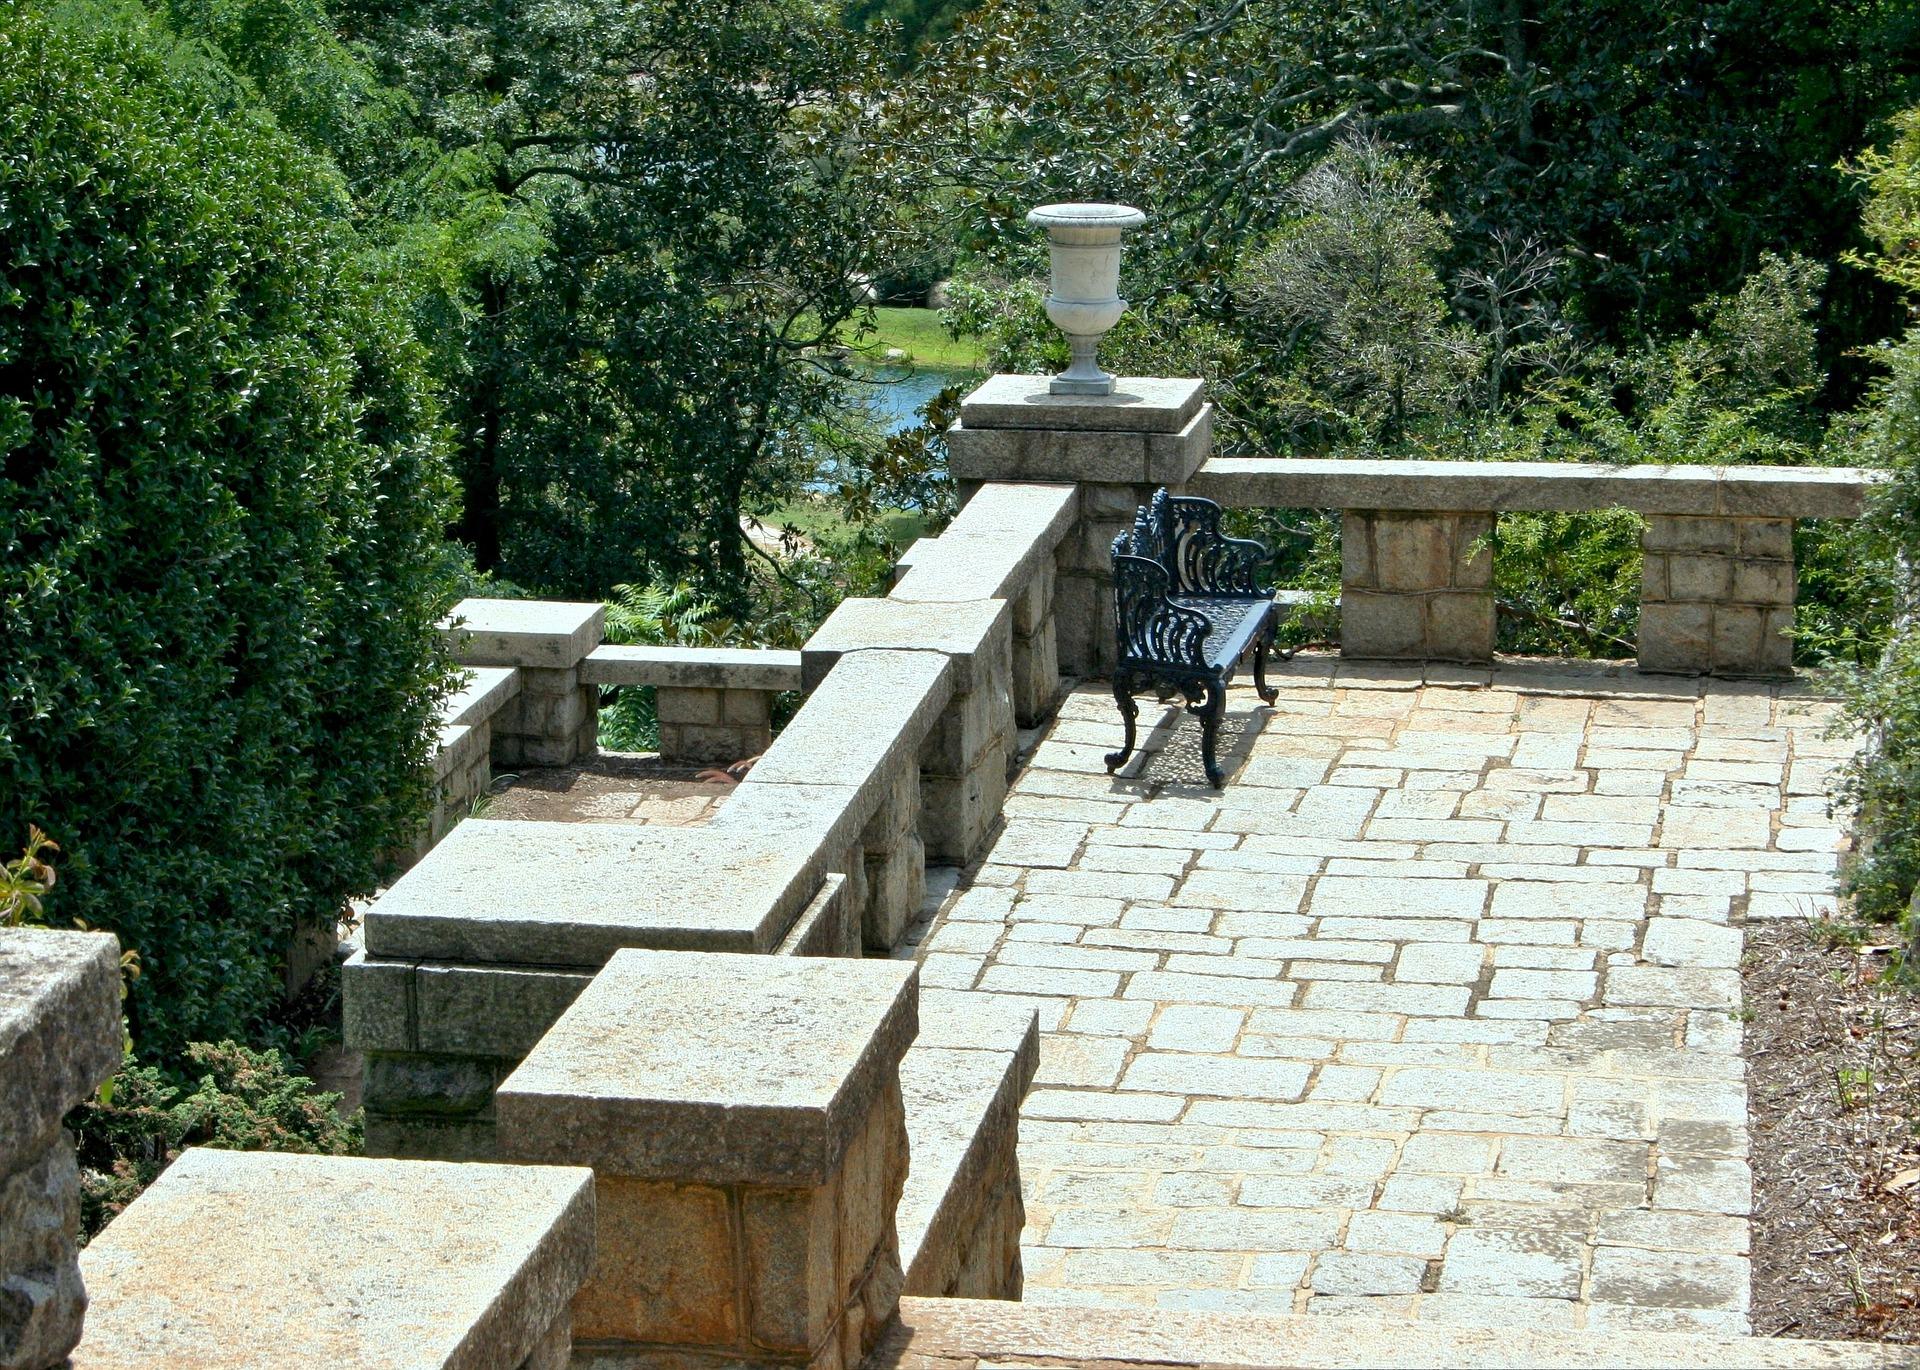 garden-terrace-53785_1920